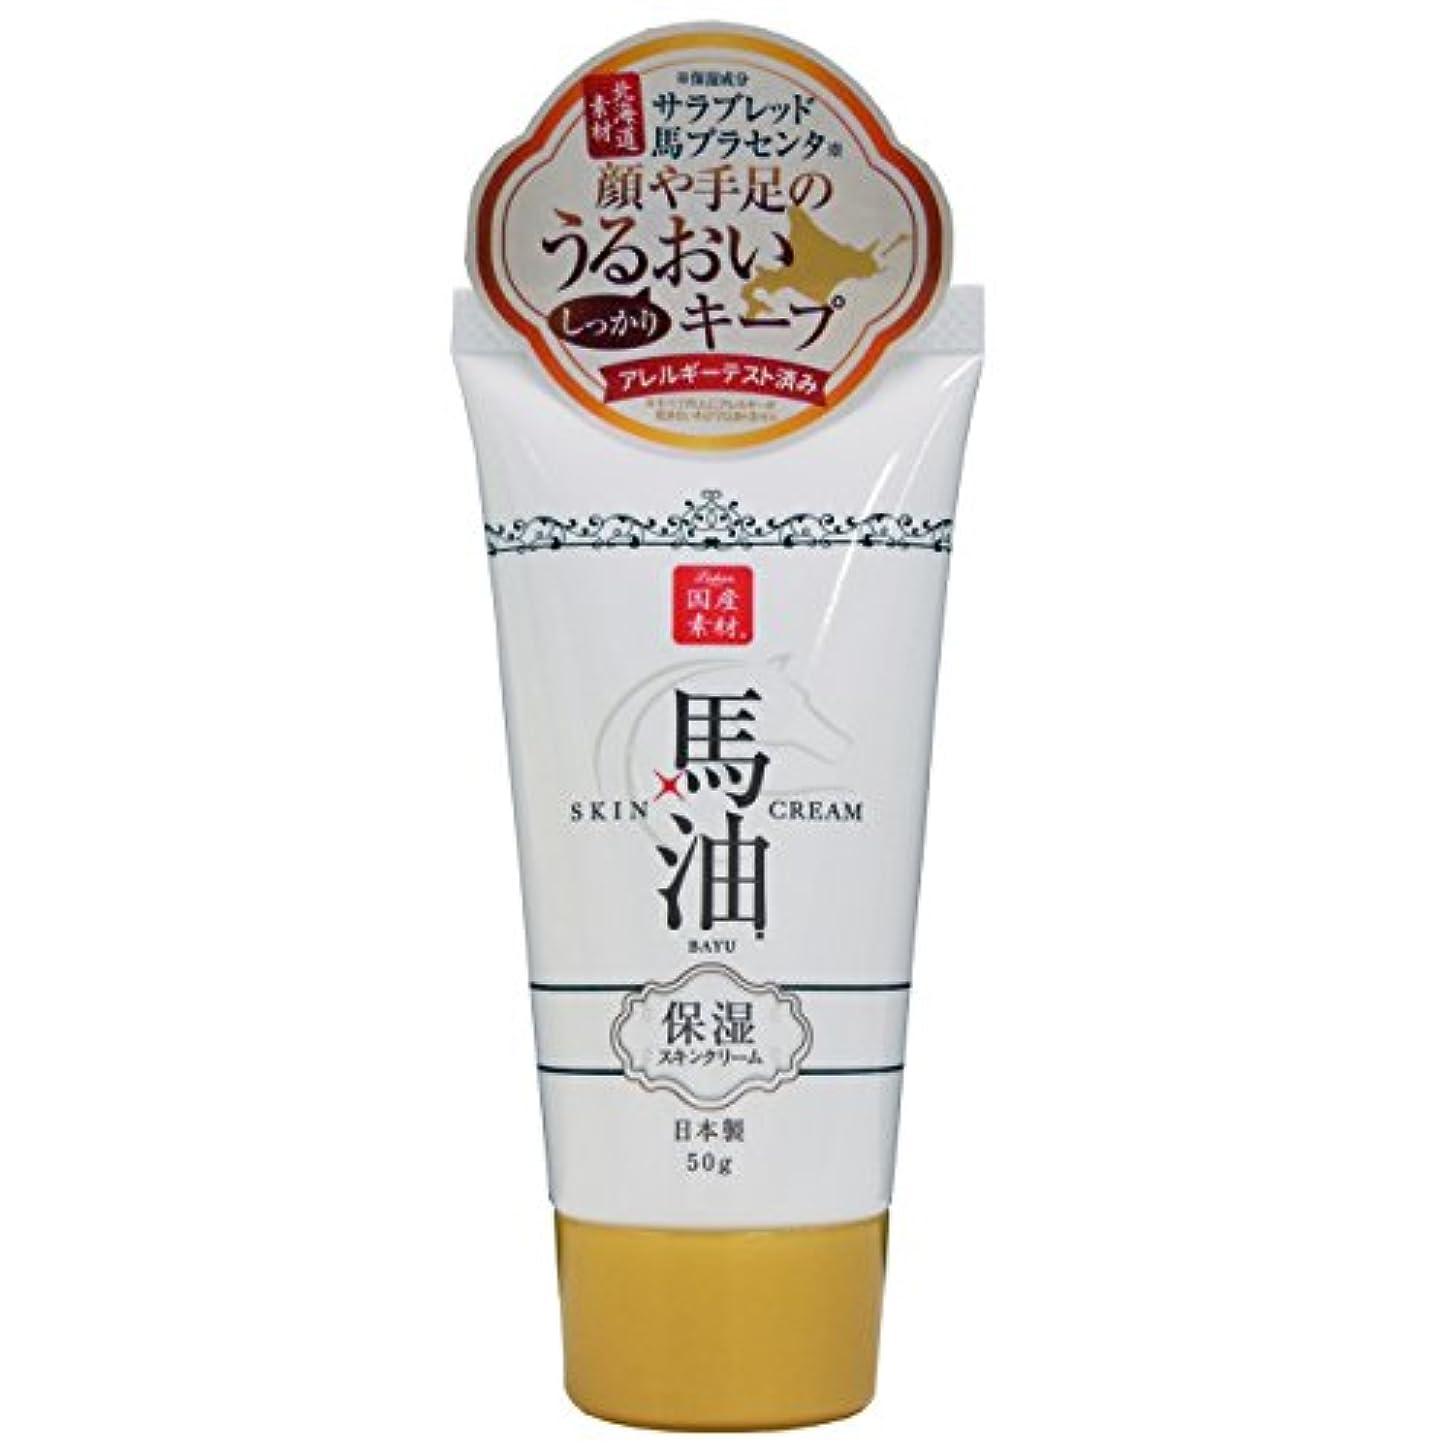 ビーズ製造業パンチリシャン 馬油スキンクリーム ミニ (さくらの香り) 50g